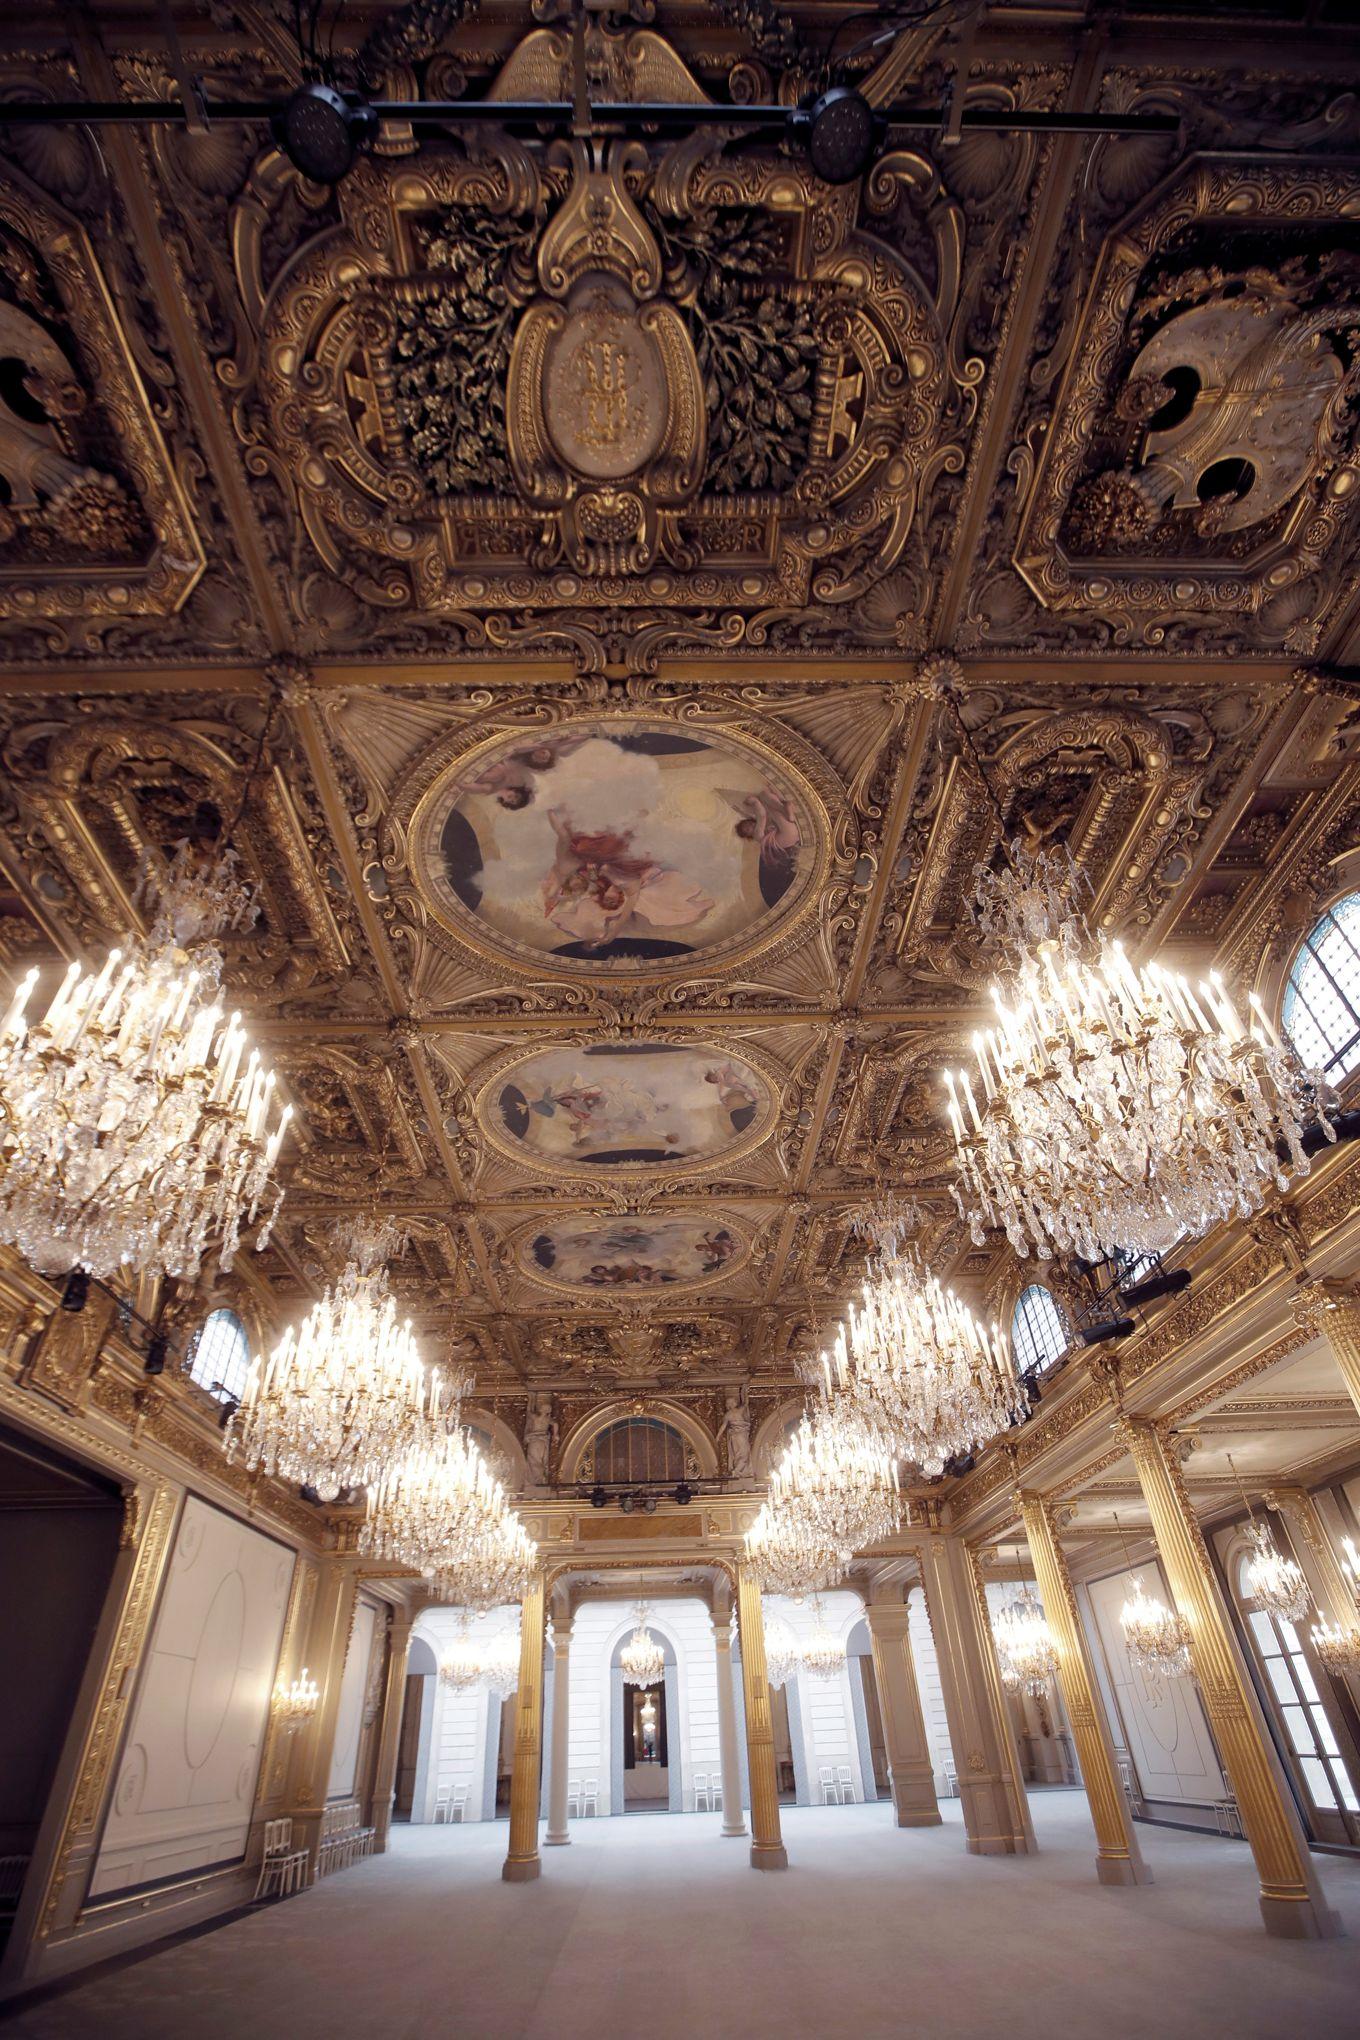 Decoration De Salle Pour Nouvel An palais de l'Élysée : la salle des fêtes rénovée est dévoilée